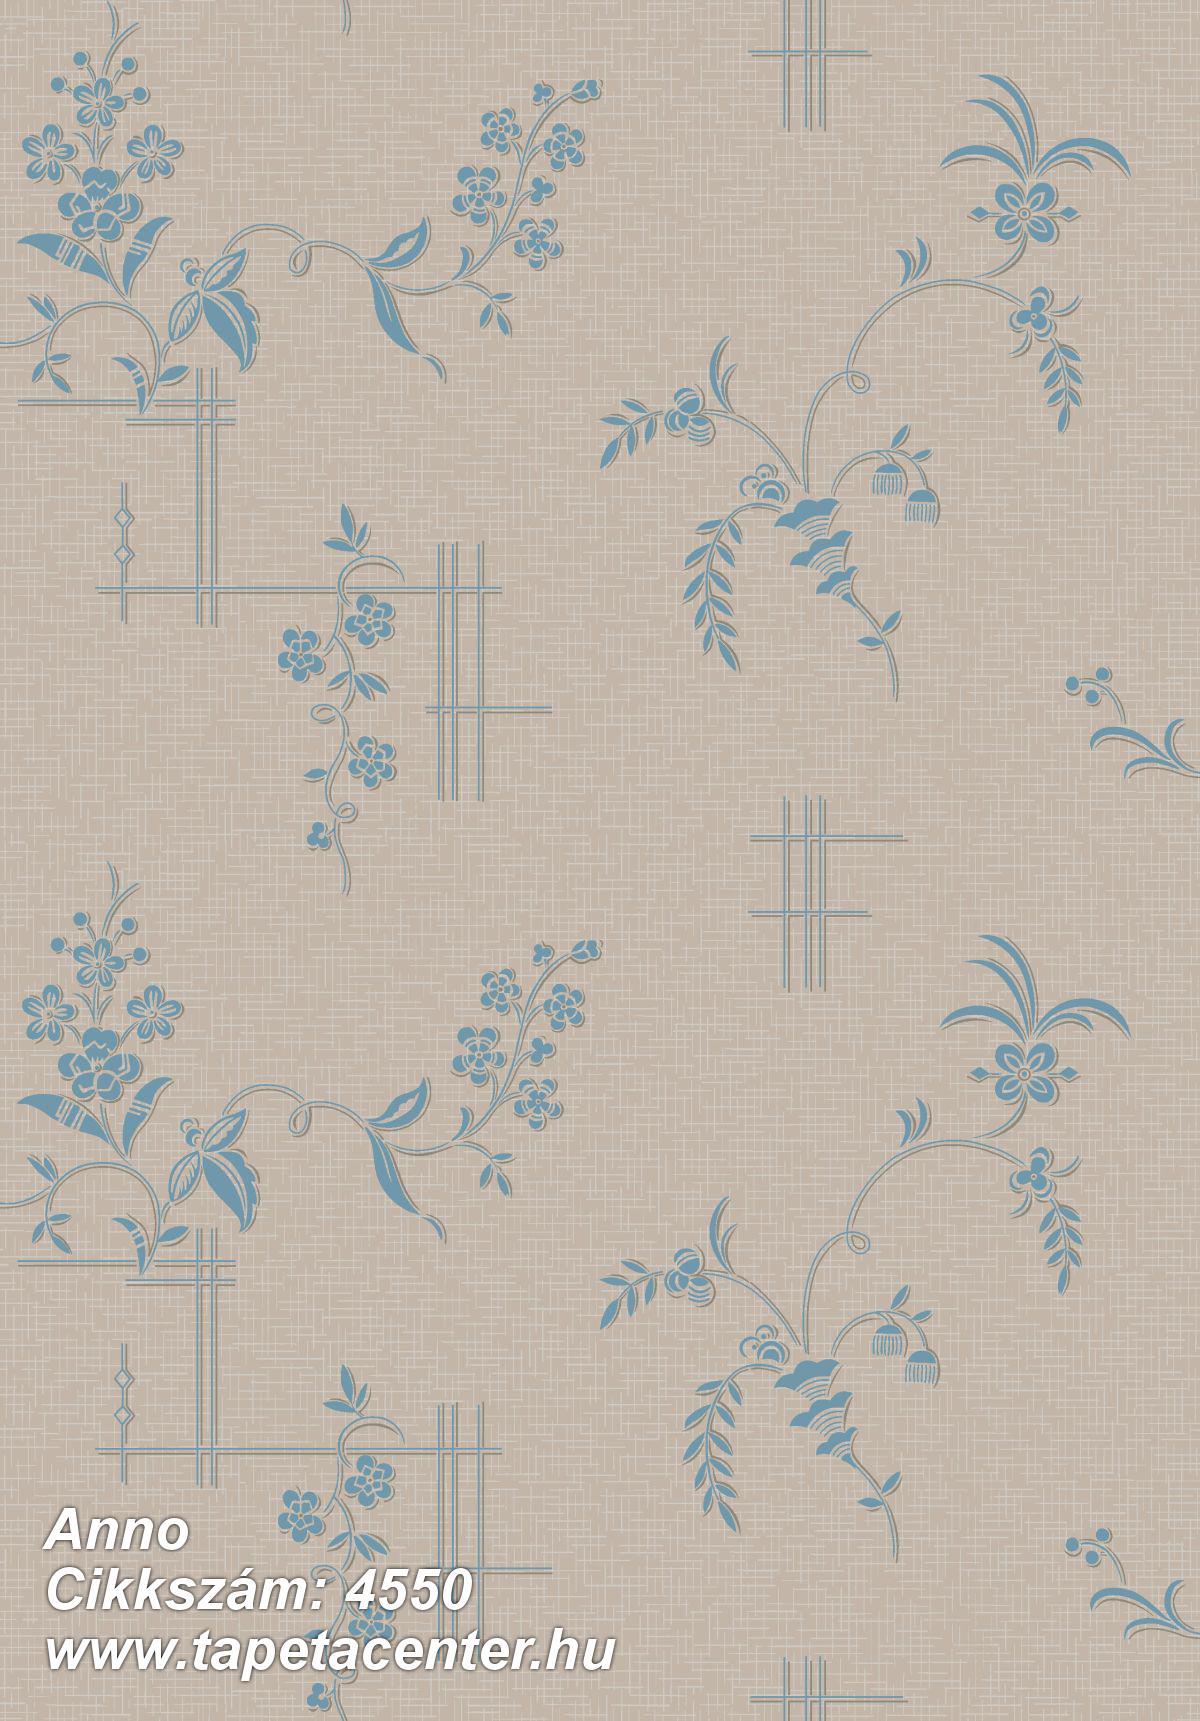 Barokk-klasszikus,természeti mintás,virágmintás,barna,kék,lemosható,vlies tapéta